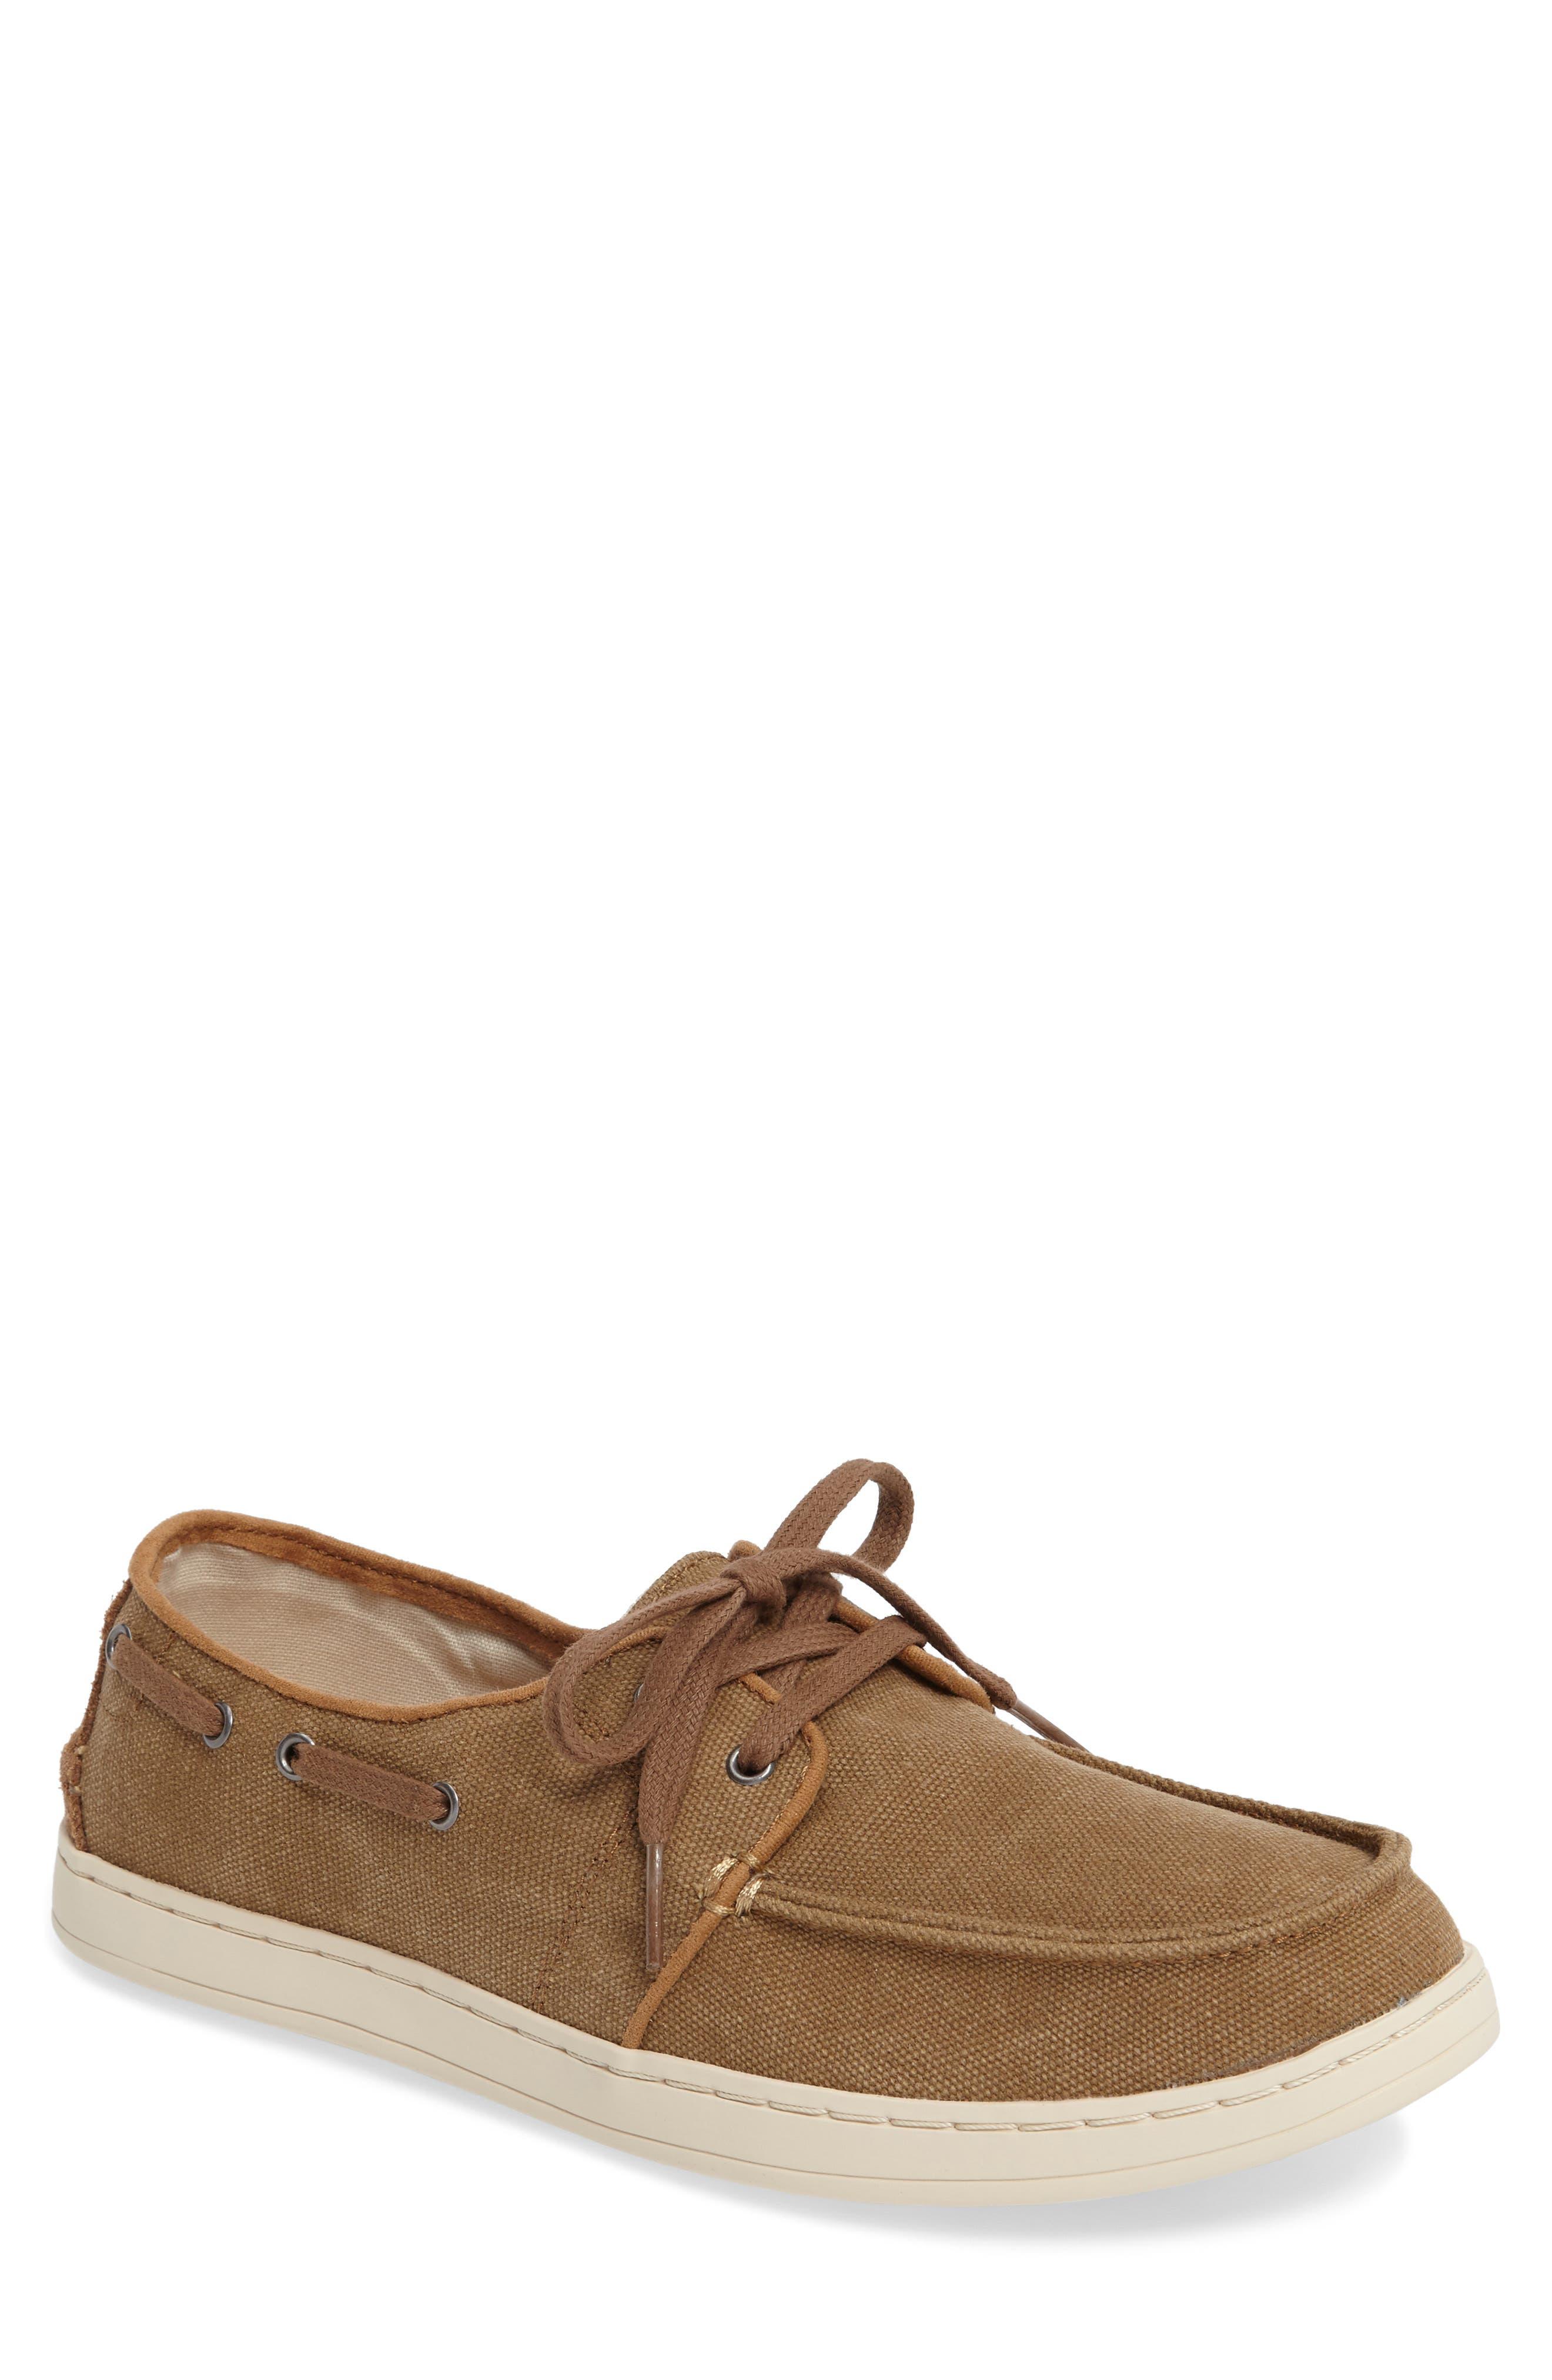 Alternate Image 1 Selected - TOMS 'Culver' Boat Shoe (Men)